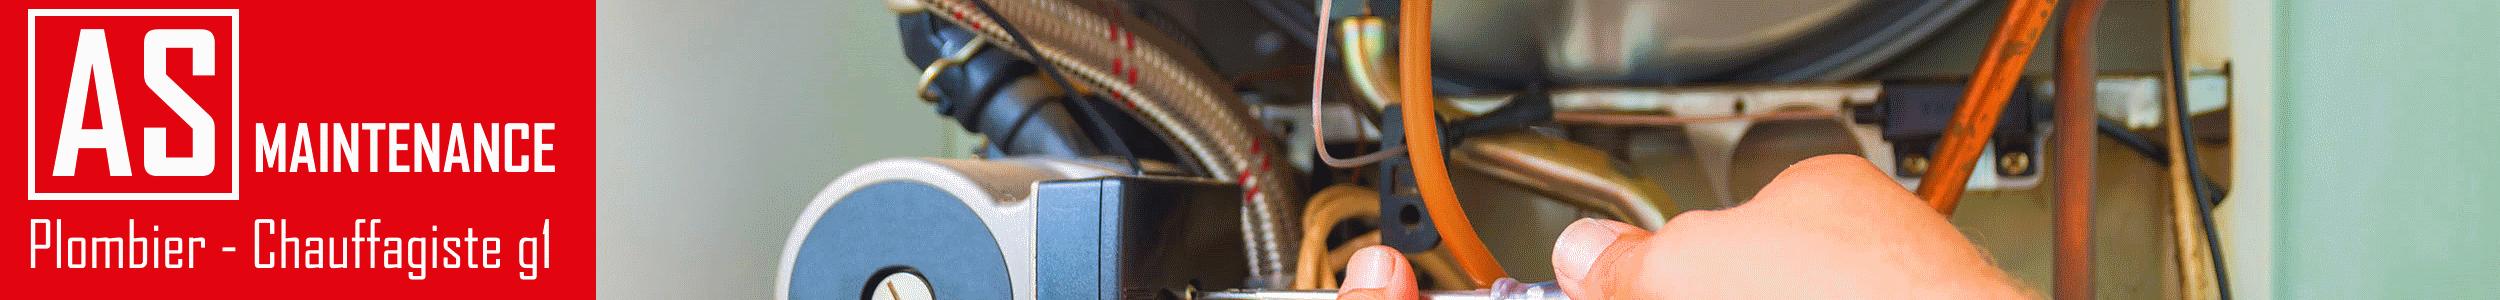 AS maintenance est votre chauffagiste agréé technicien chaudière g1 qui se déplace en urgence pour un dépannage, réparation, installation de chaudière et de chauffage central avec un Devis Gratuit.